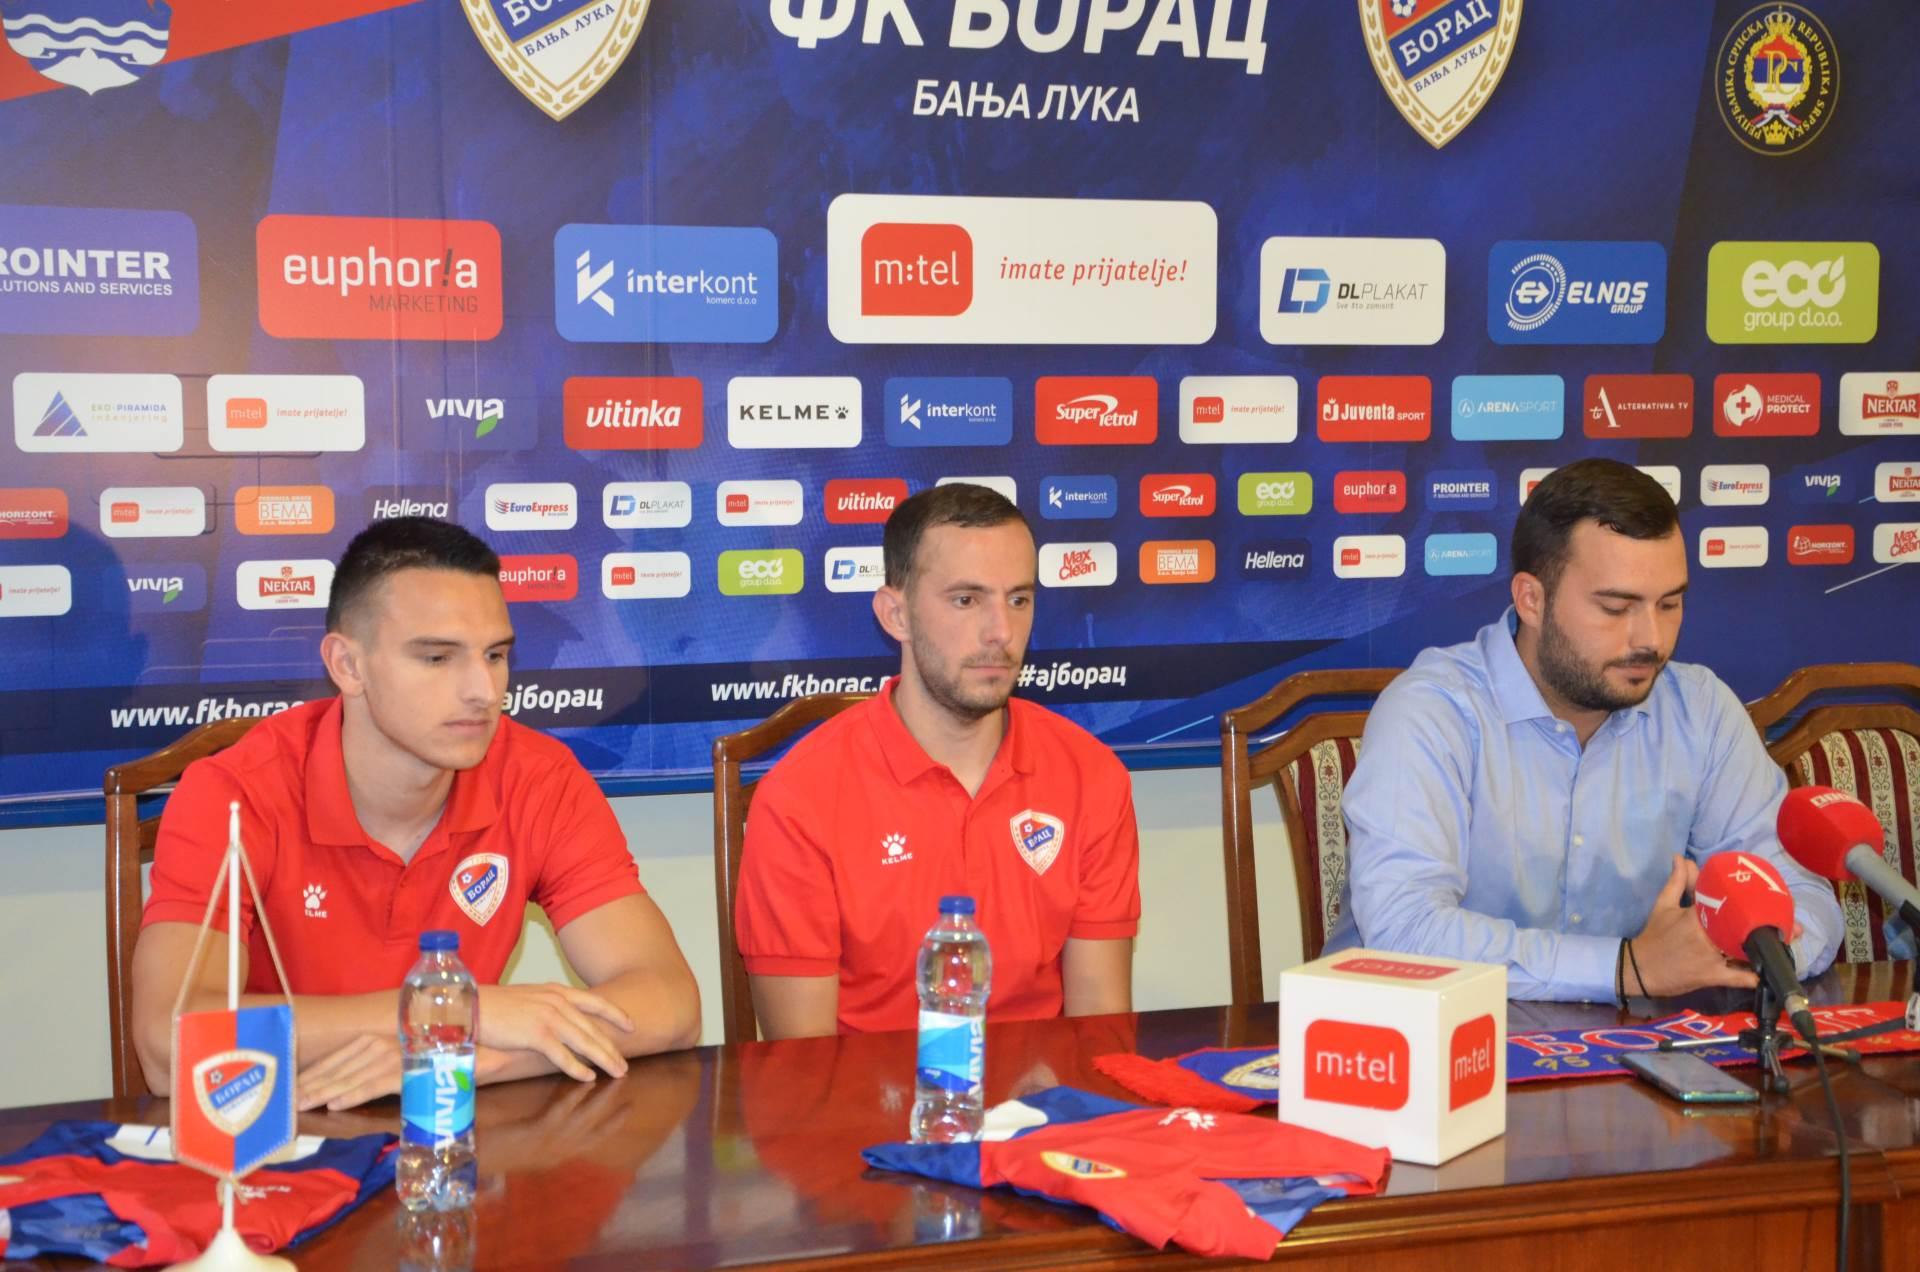 borac, fk borac, nemanja vukmanović, nikola dujaković